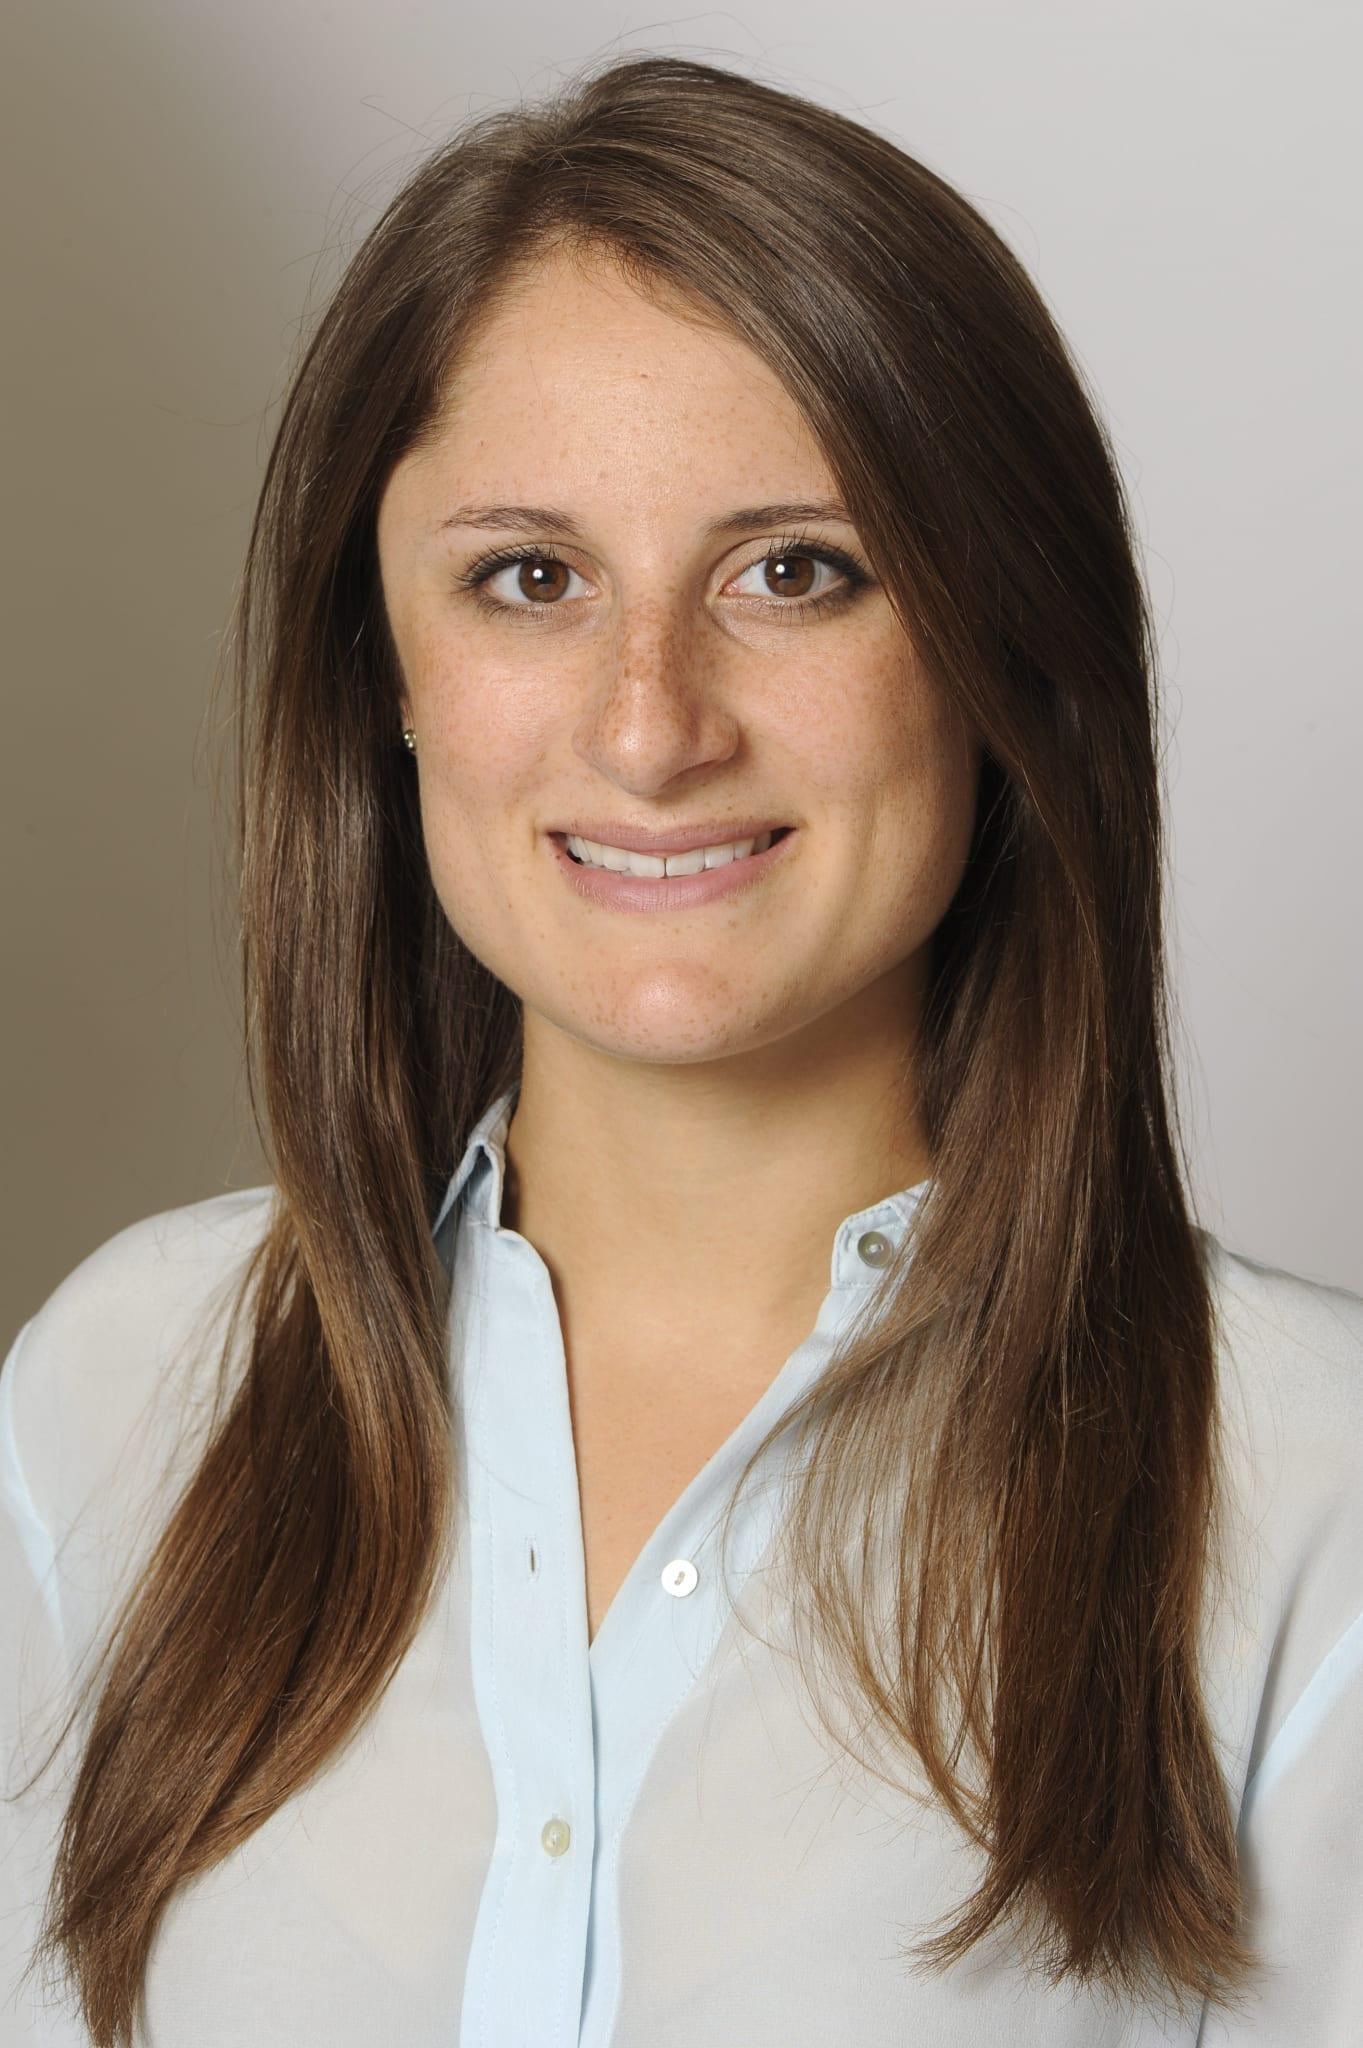 Danielle Chibb